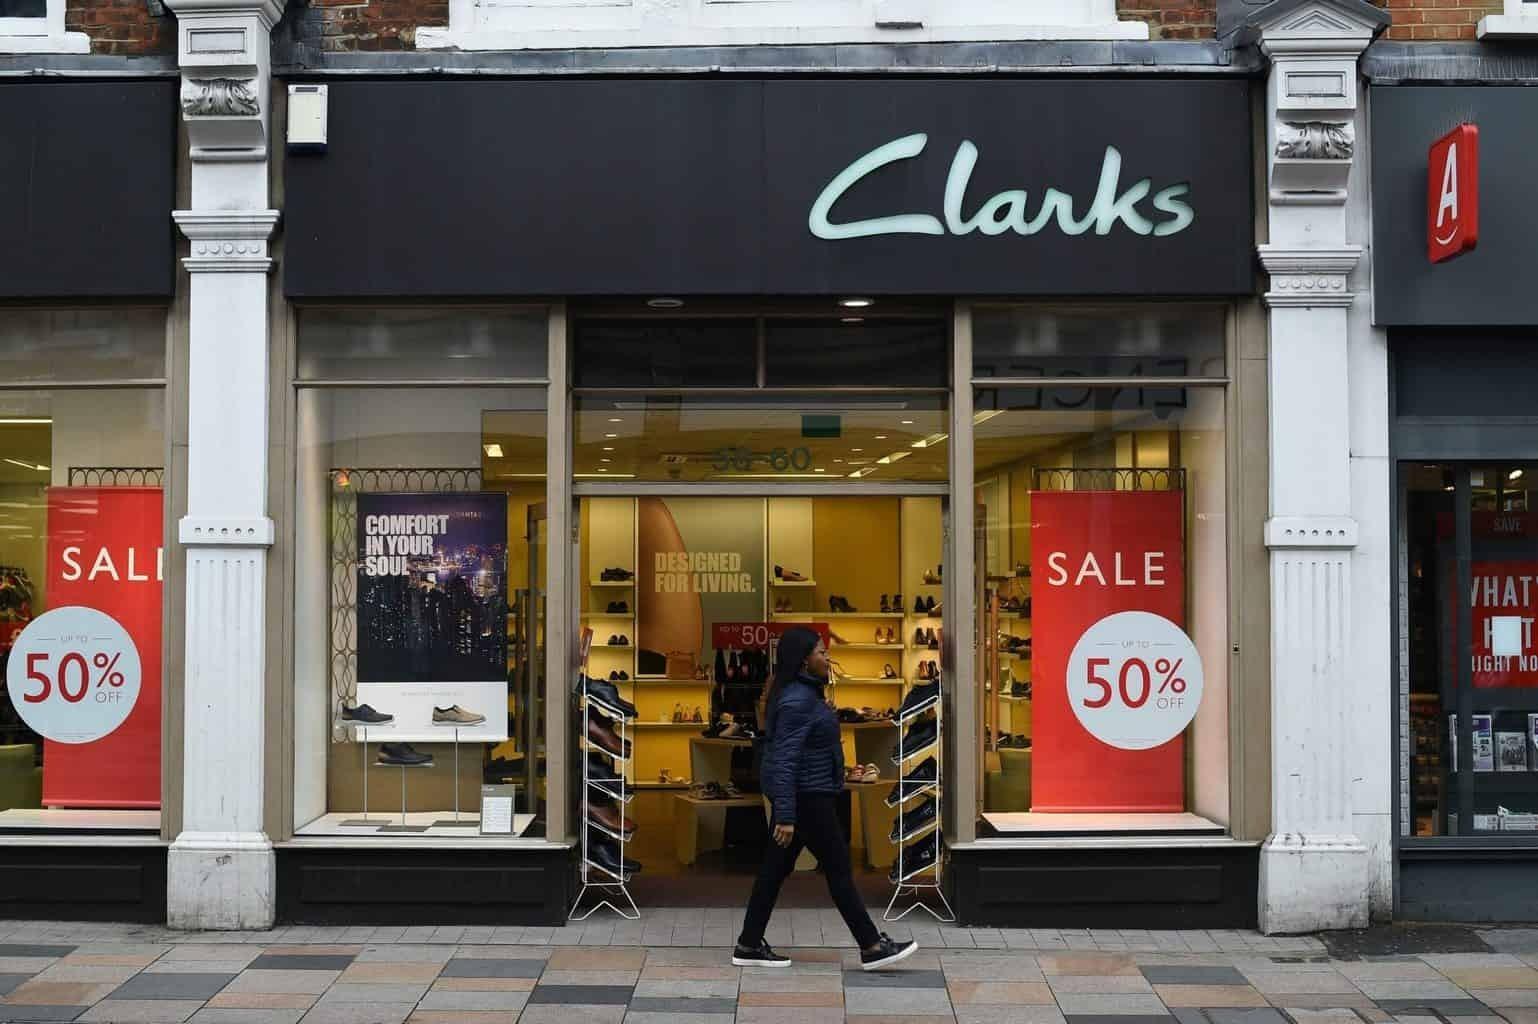 萊恩資本一億英鎊收購Clarks獲批